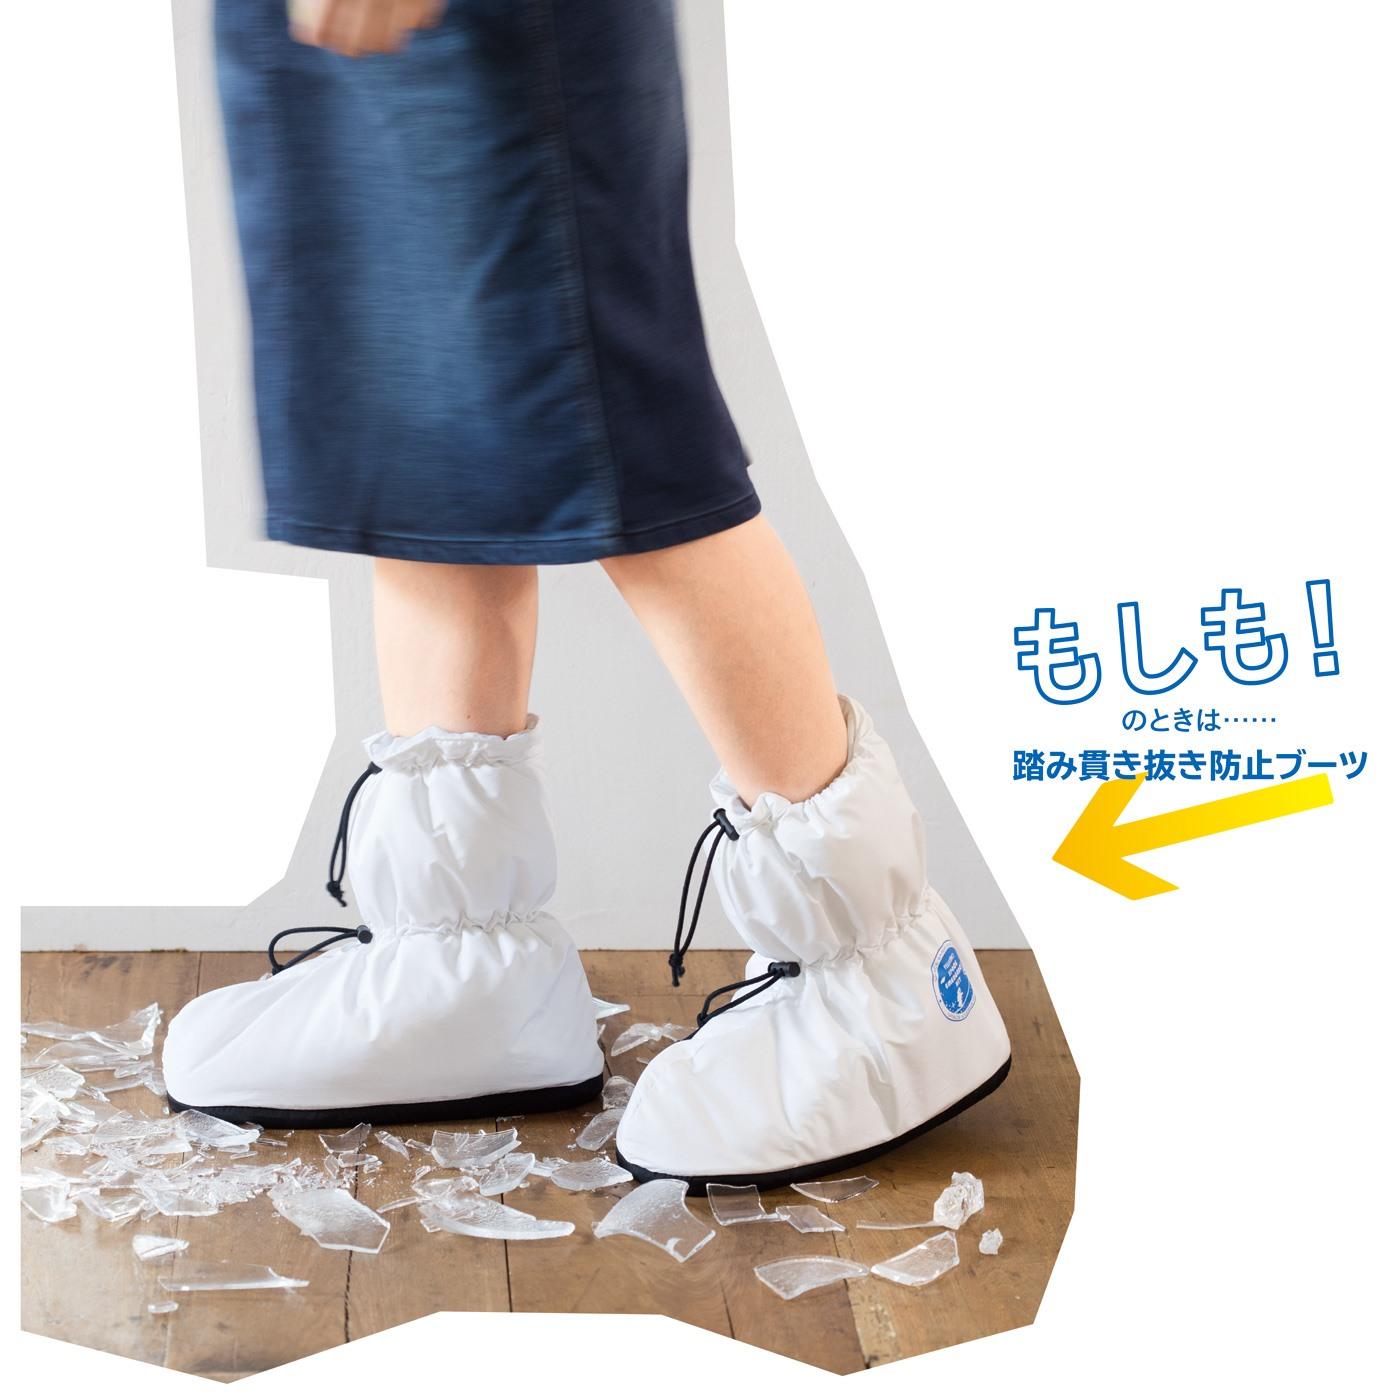 オフィスの防寒対策にぴったりのブーツは、JIS規格の底材を使った踏み貫き防止ブーツ。万が一、ガラスの破片などが床に散らばっていても、これを履けば安心です。足首までカバーしているので、裸足やスカートなど足もとが無防備な場合に、危険物が直接当たるのを防ぎます。履き口はひもで調節できて、足が小さくても脱げる心配なし !